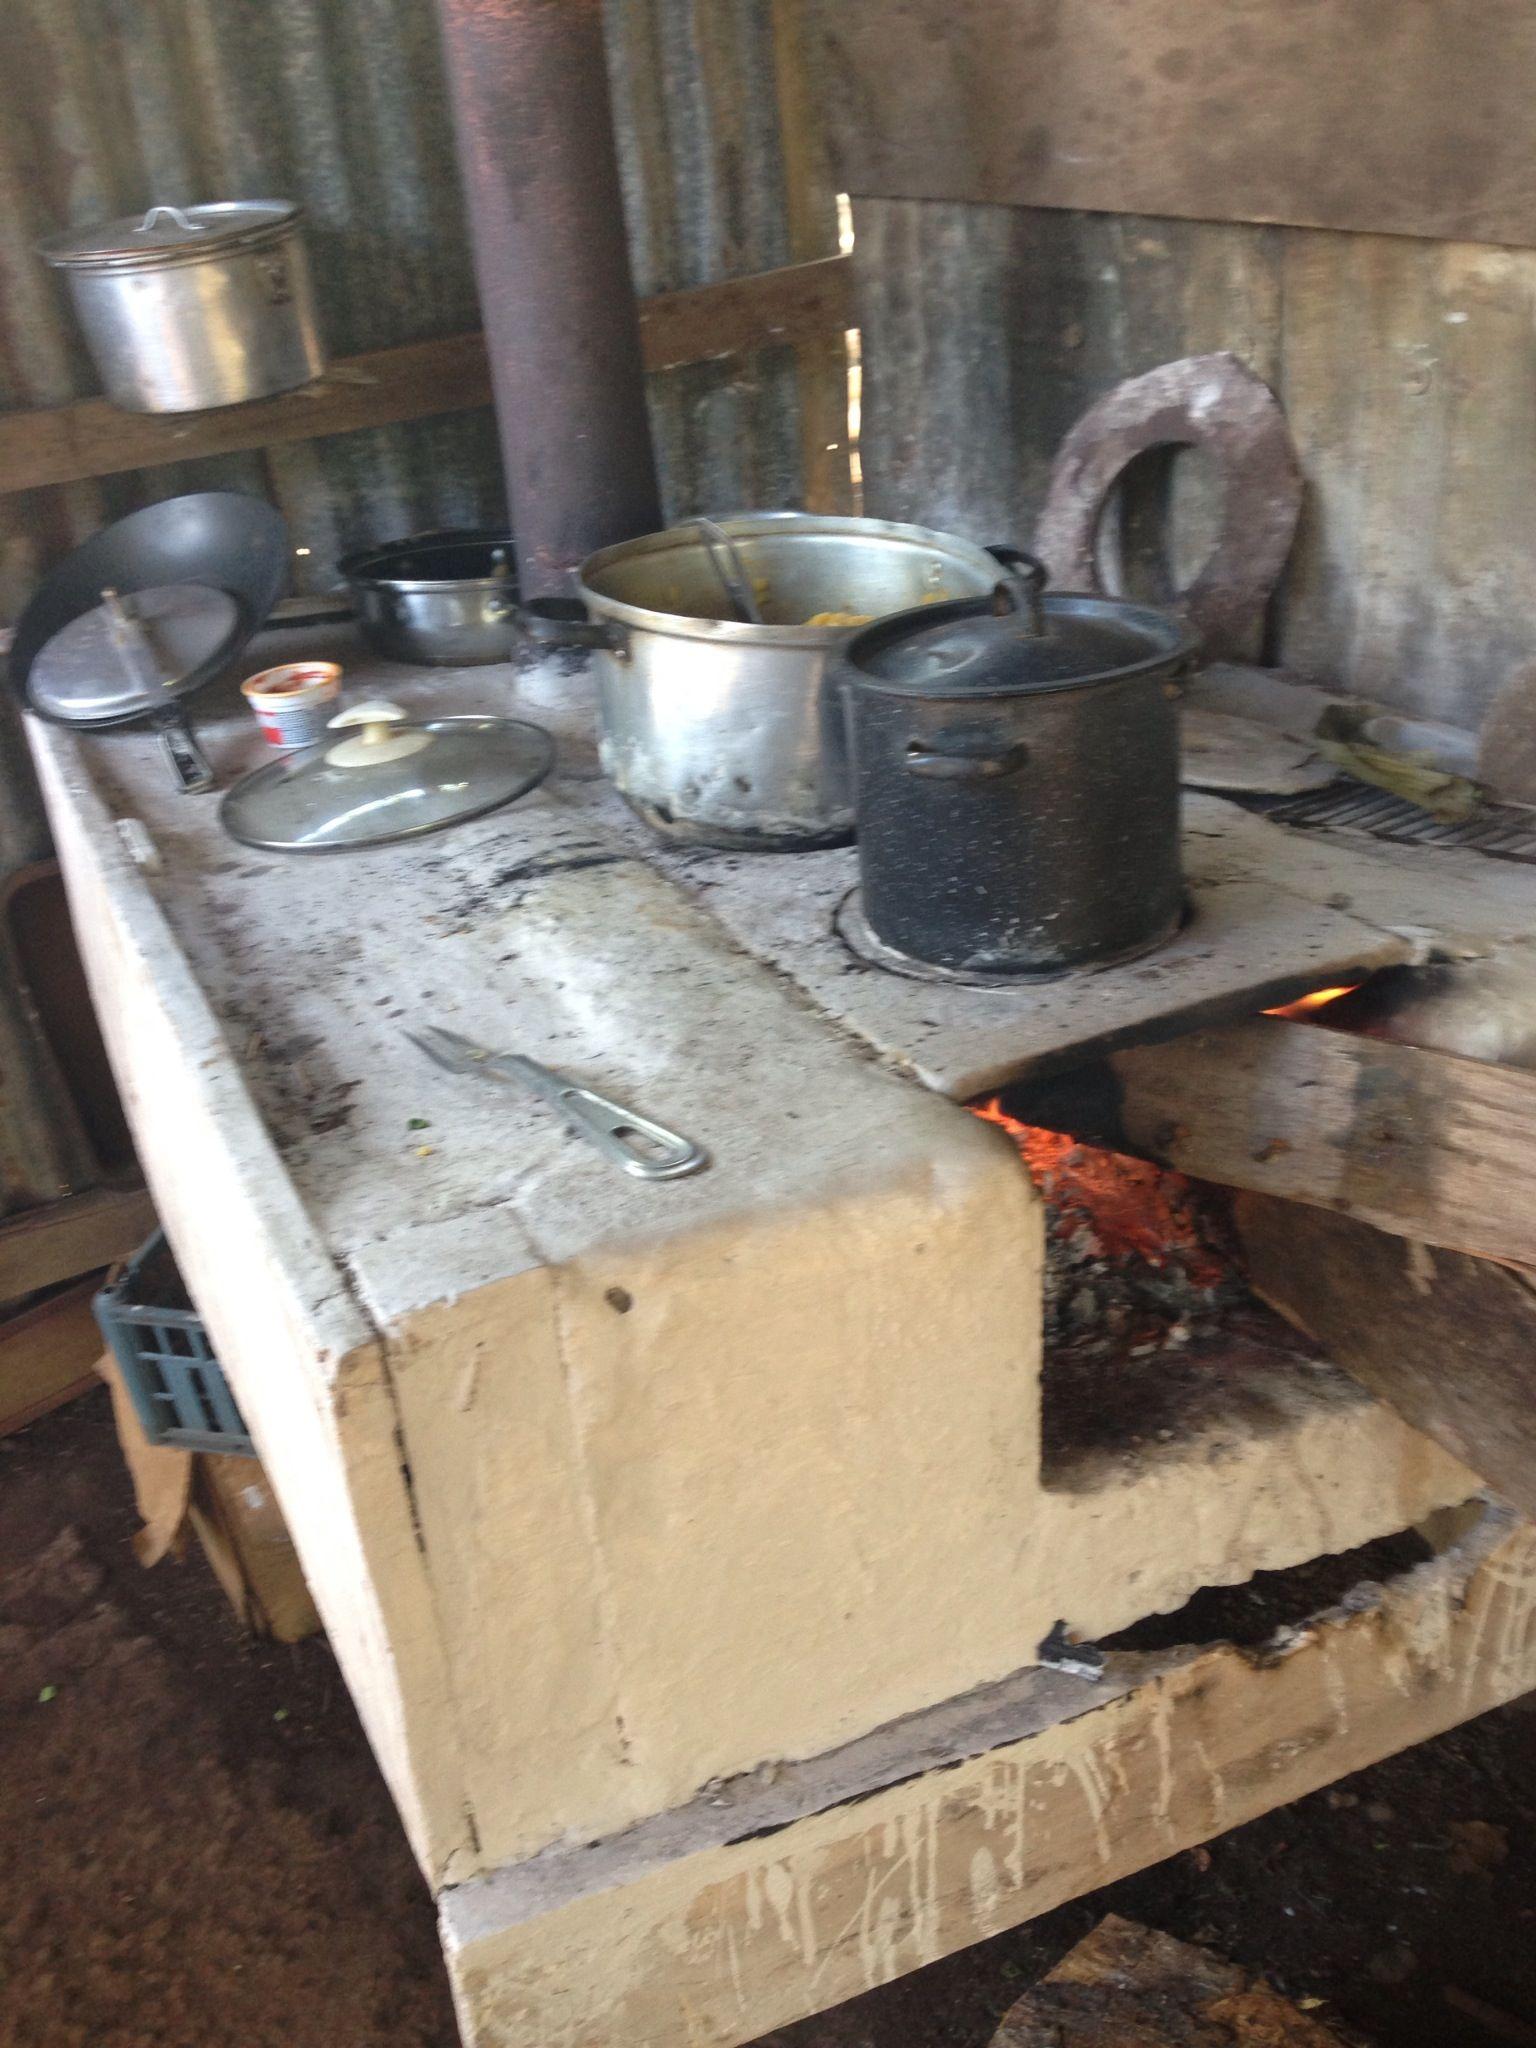 Cocina de le a de mi abuela chimeneas y calentadores en - Cocina a lena ...